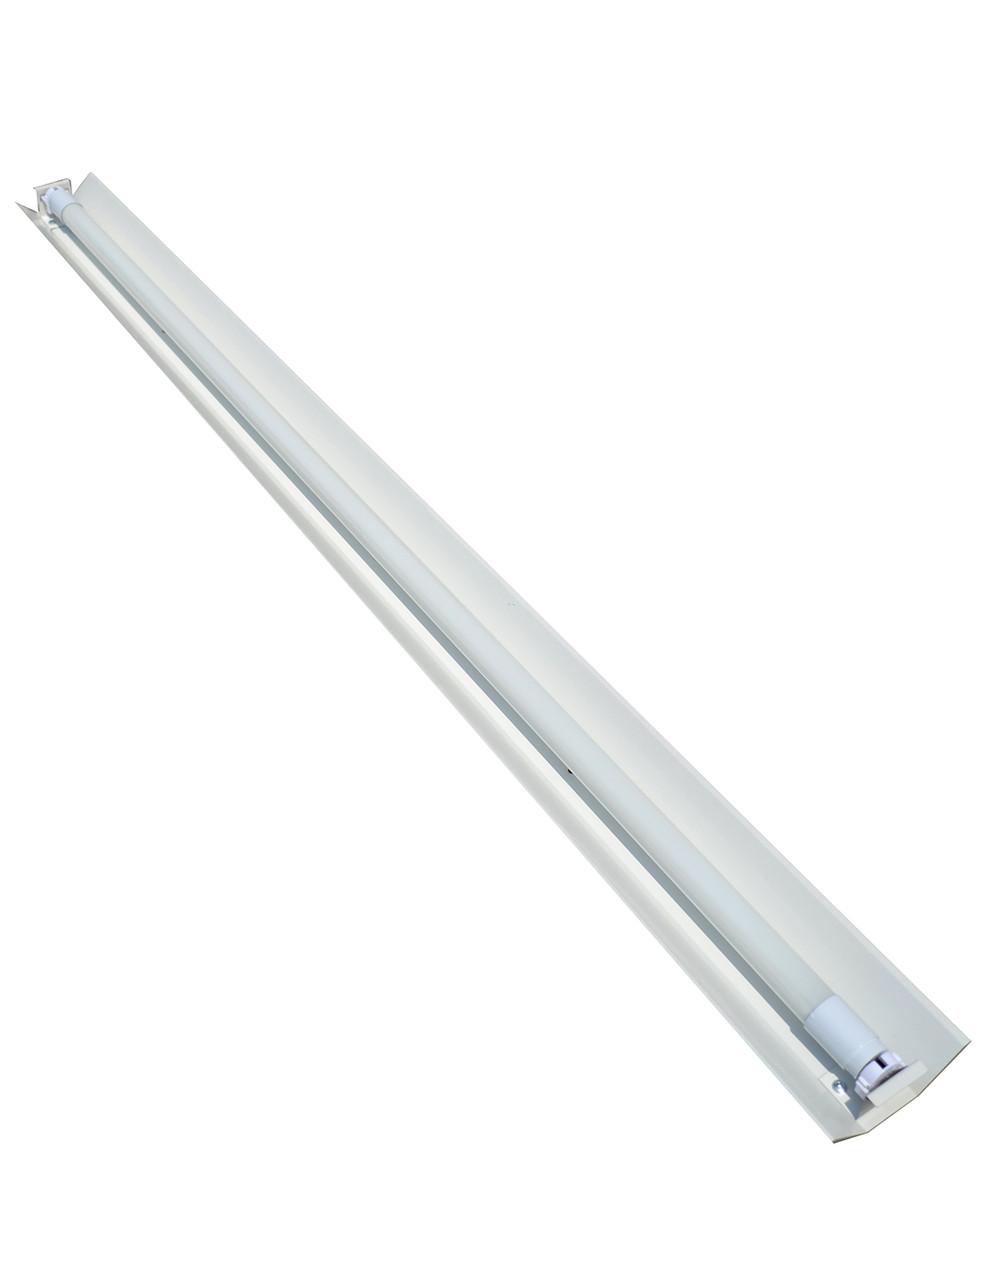 Світильник відкритий під led лампу Т8 120см СПВ 01-1200 компакт MSK Electric